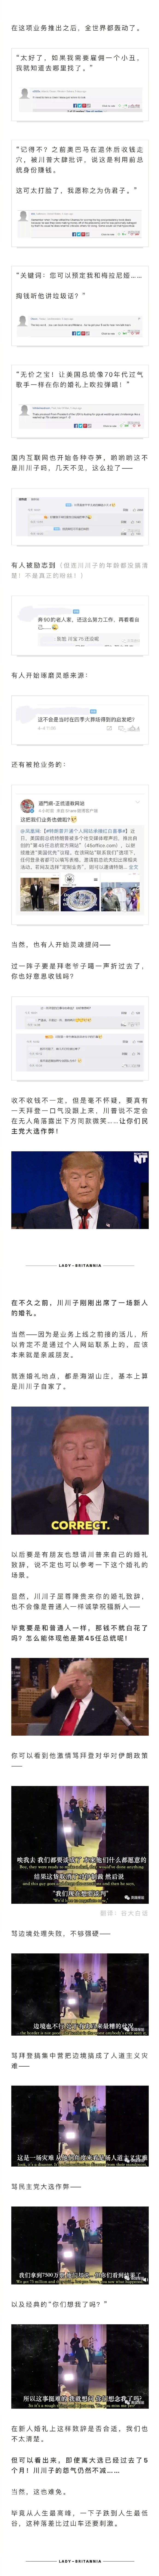 川普推出个人网站,承接红白喜事祝词,还可单约梅拉尼娅